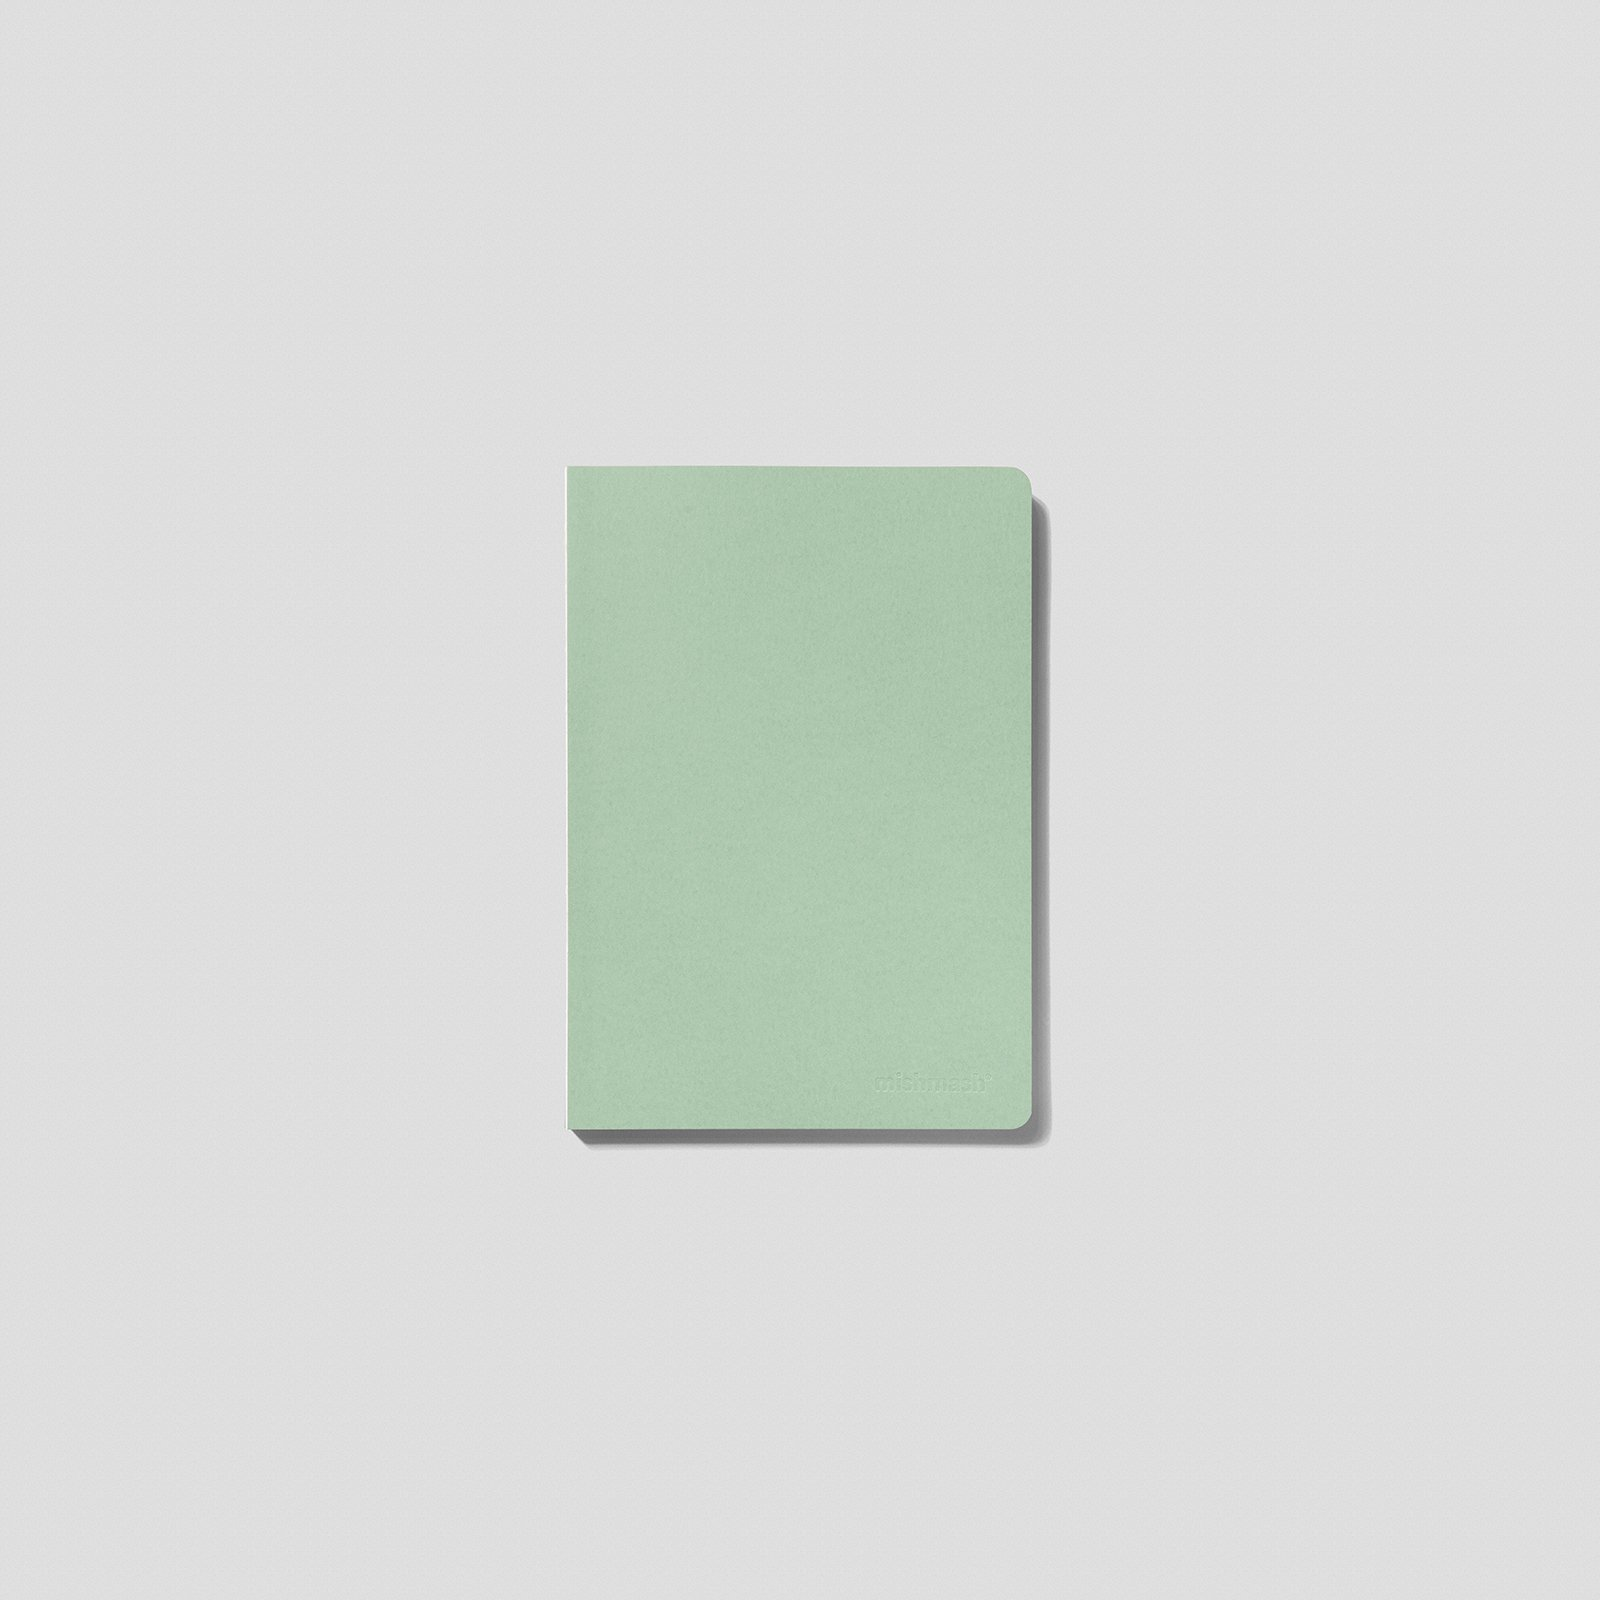 Mishmash Разнообразный блокнот Mishmash Matcha